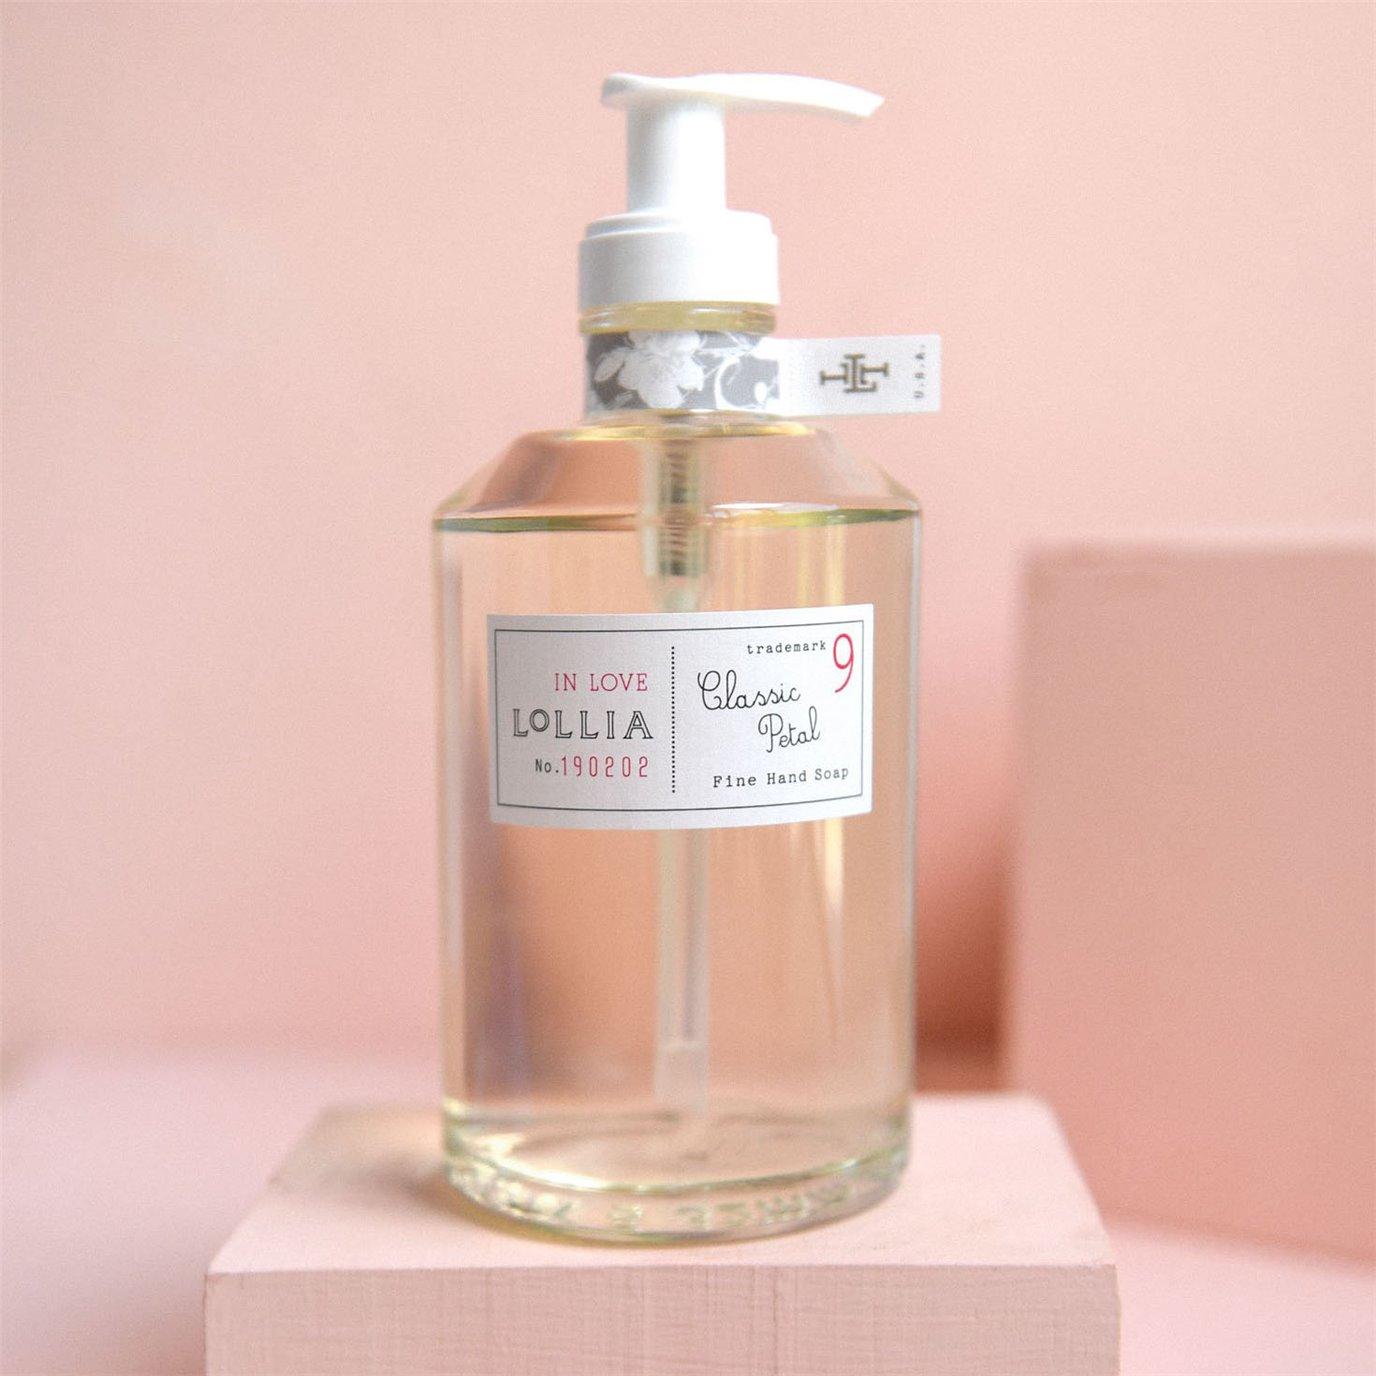 Lollia In Love No. 09 Liquid Hand Soap